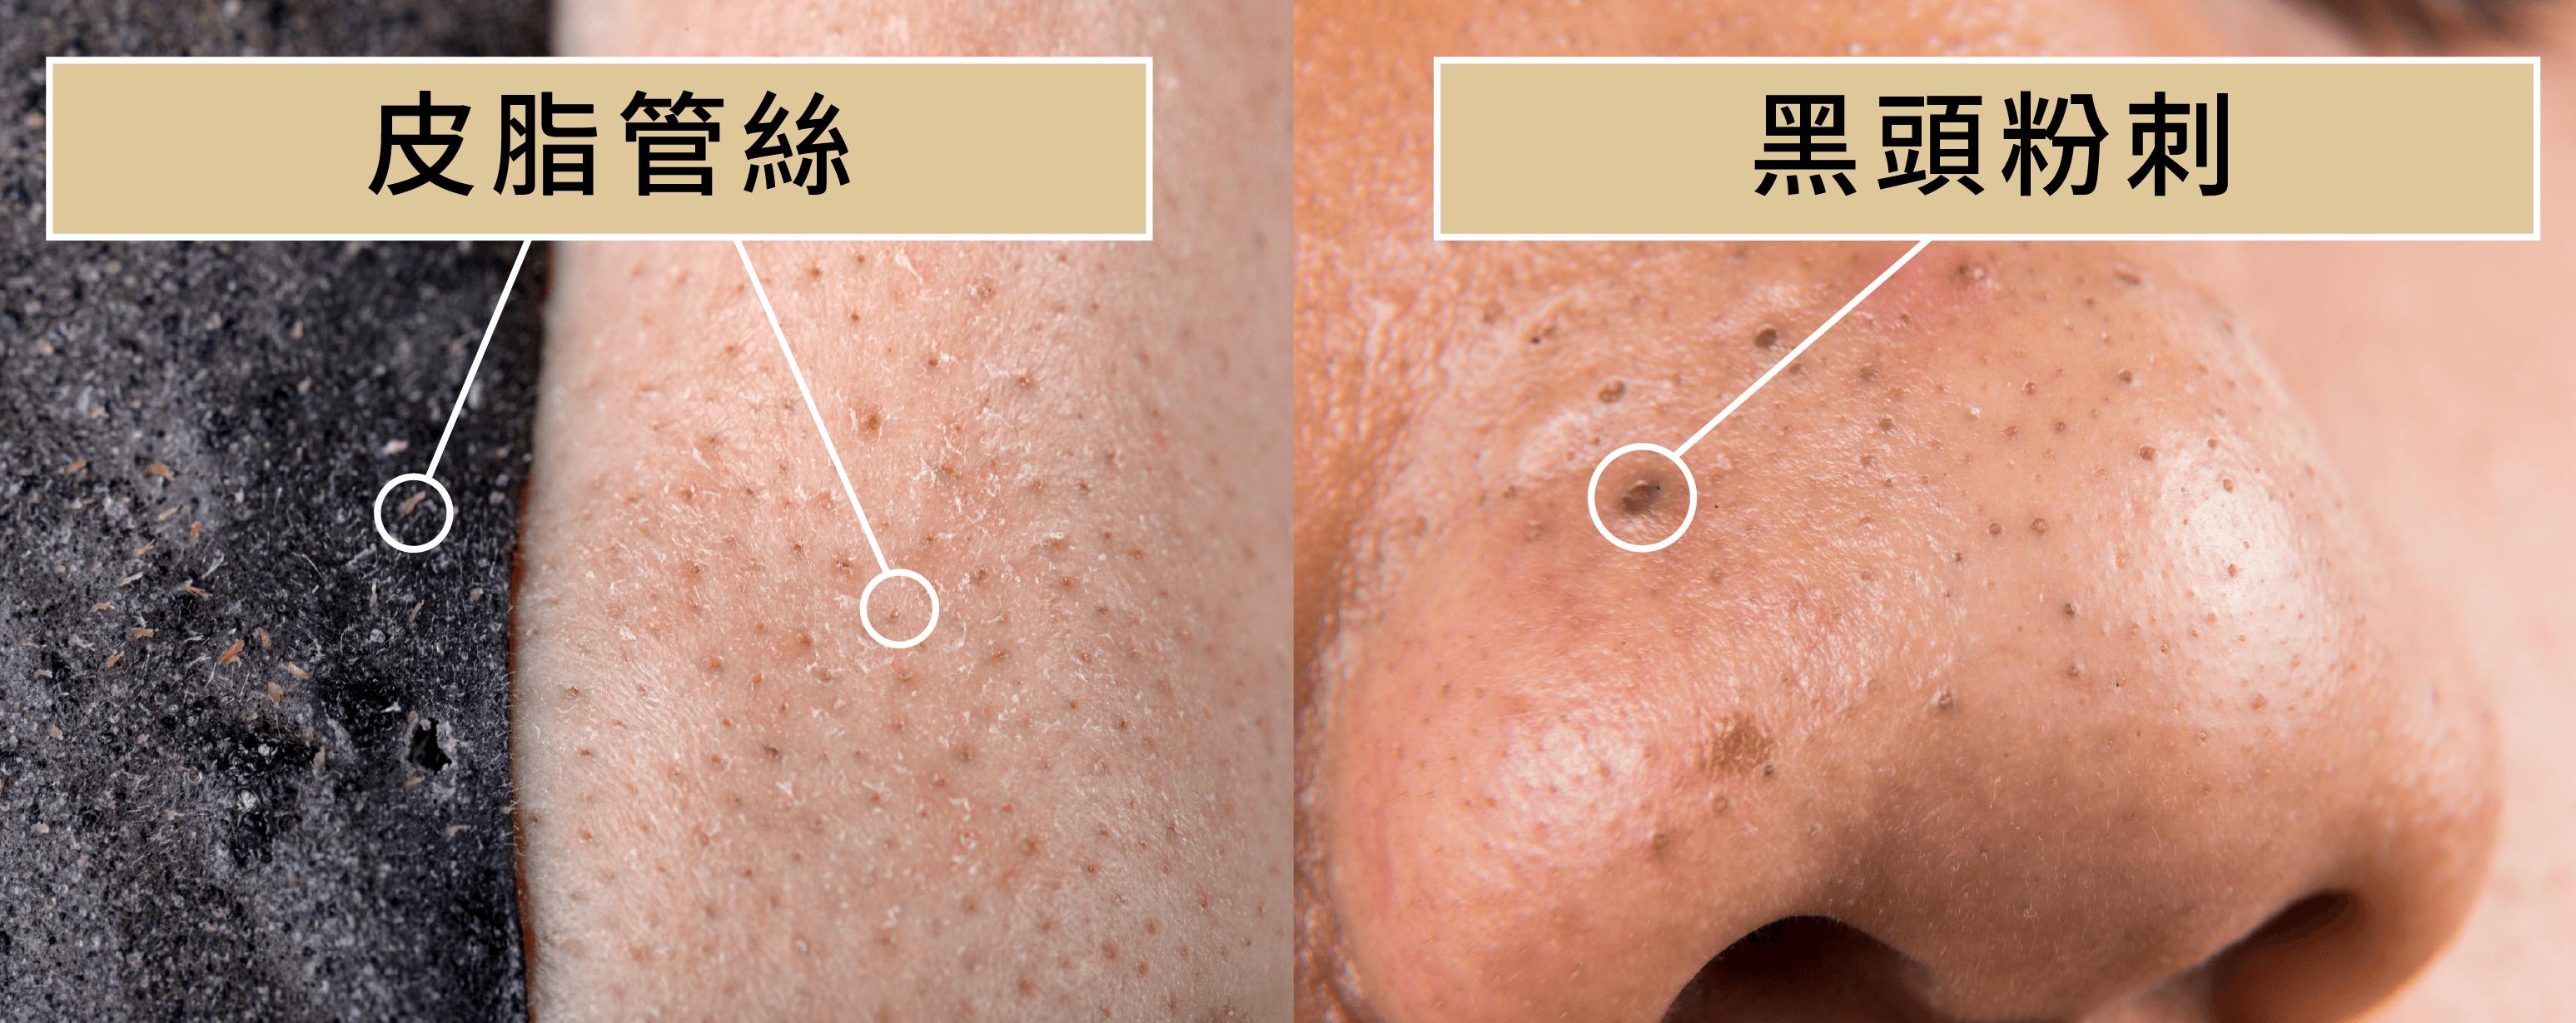 鼻子黑頭粉刺可以天天清嗎? 怎麼清比較好?